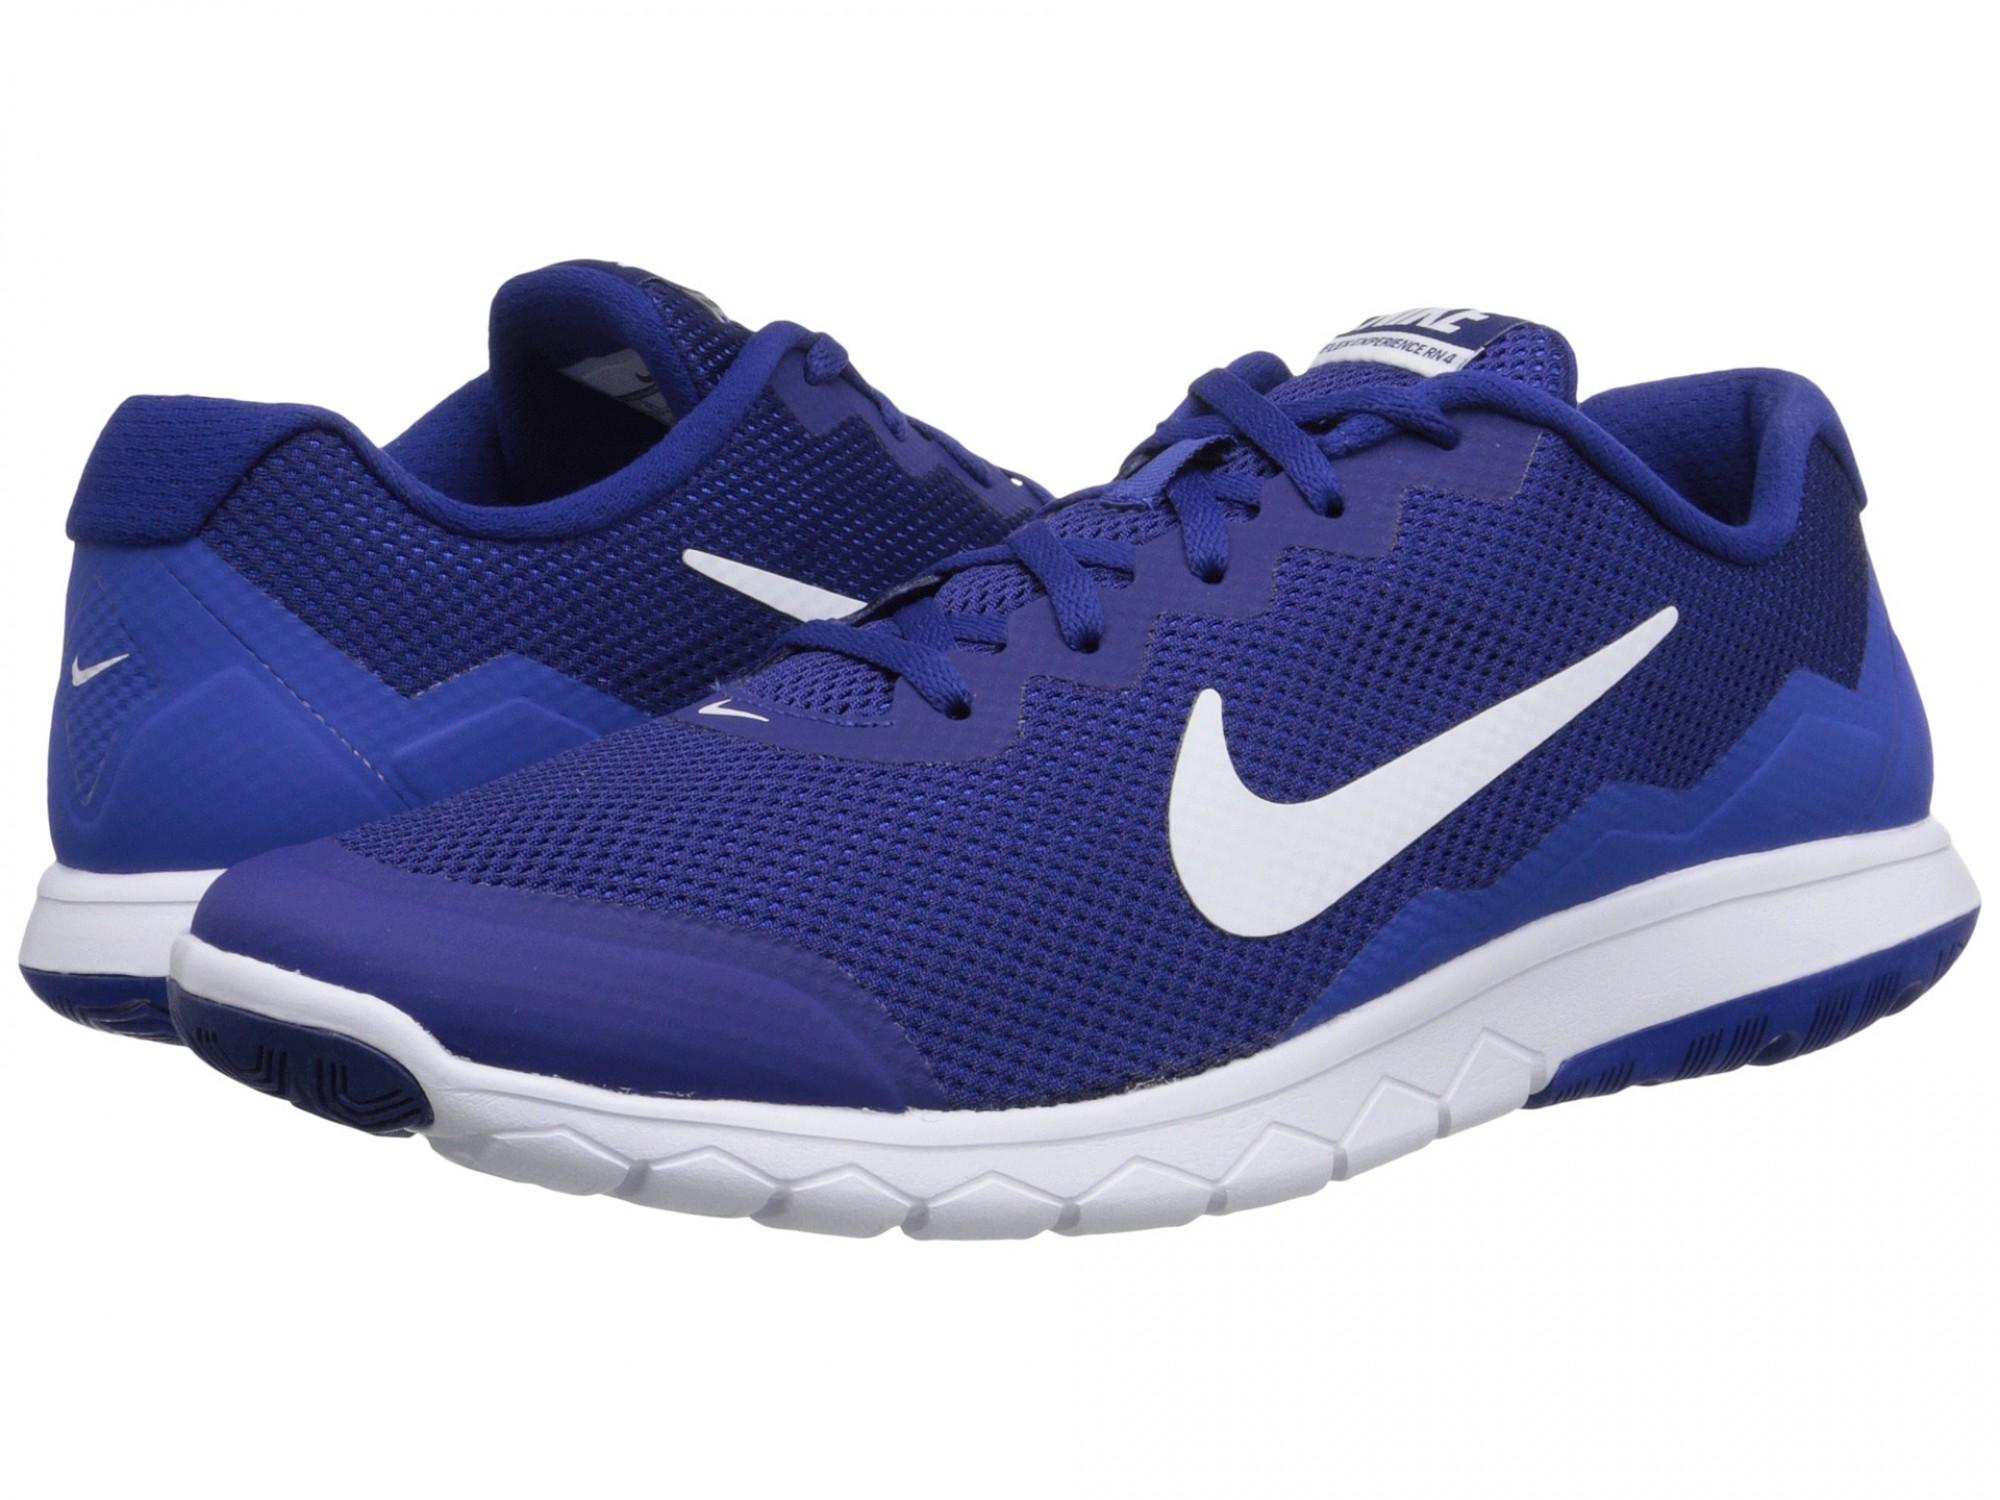 33b772da Nike Flex Experience Run 4 Беговые кроссовки 749172-400 купить в ...